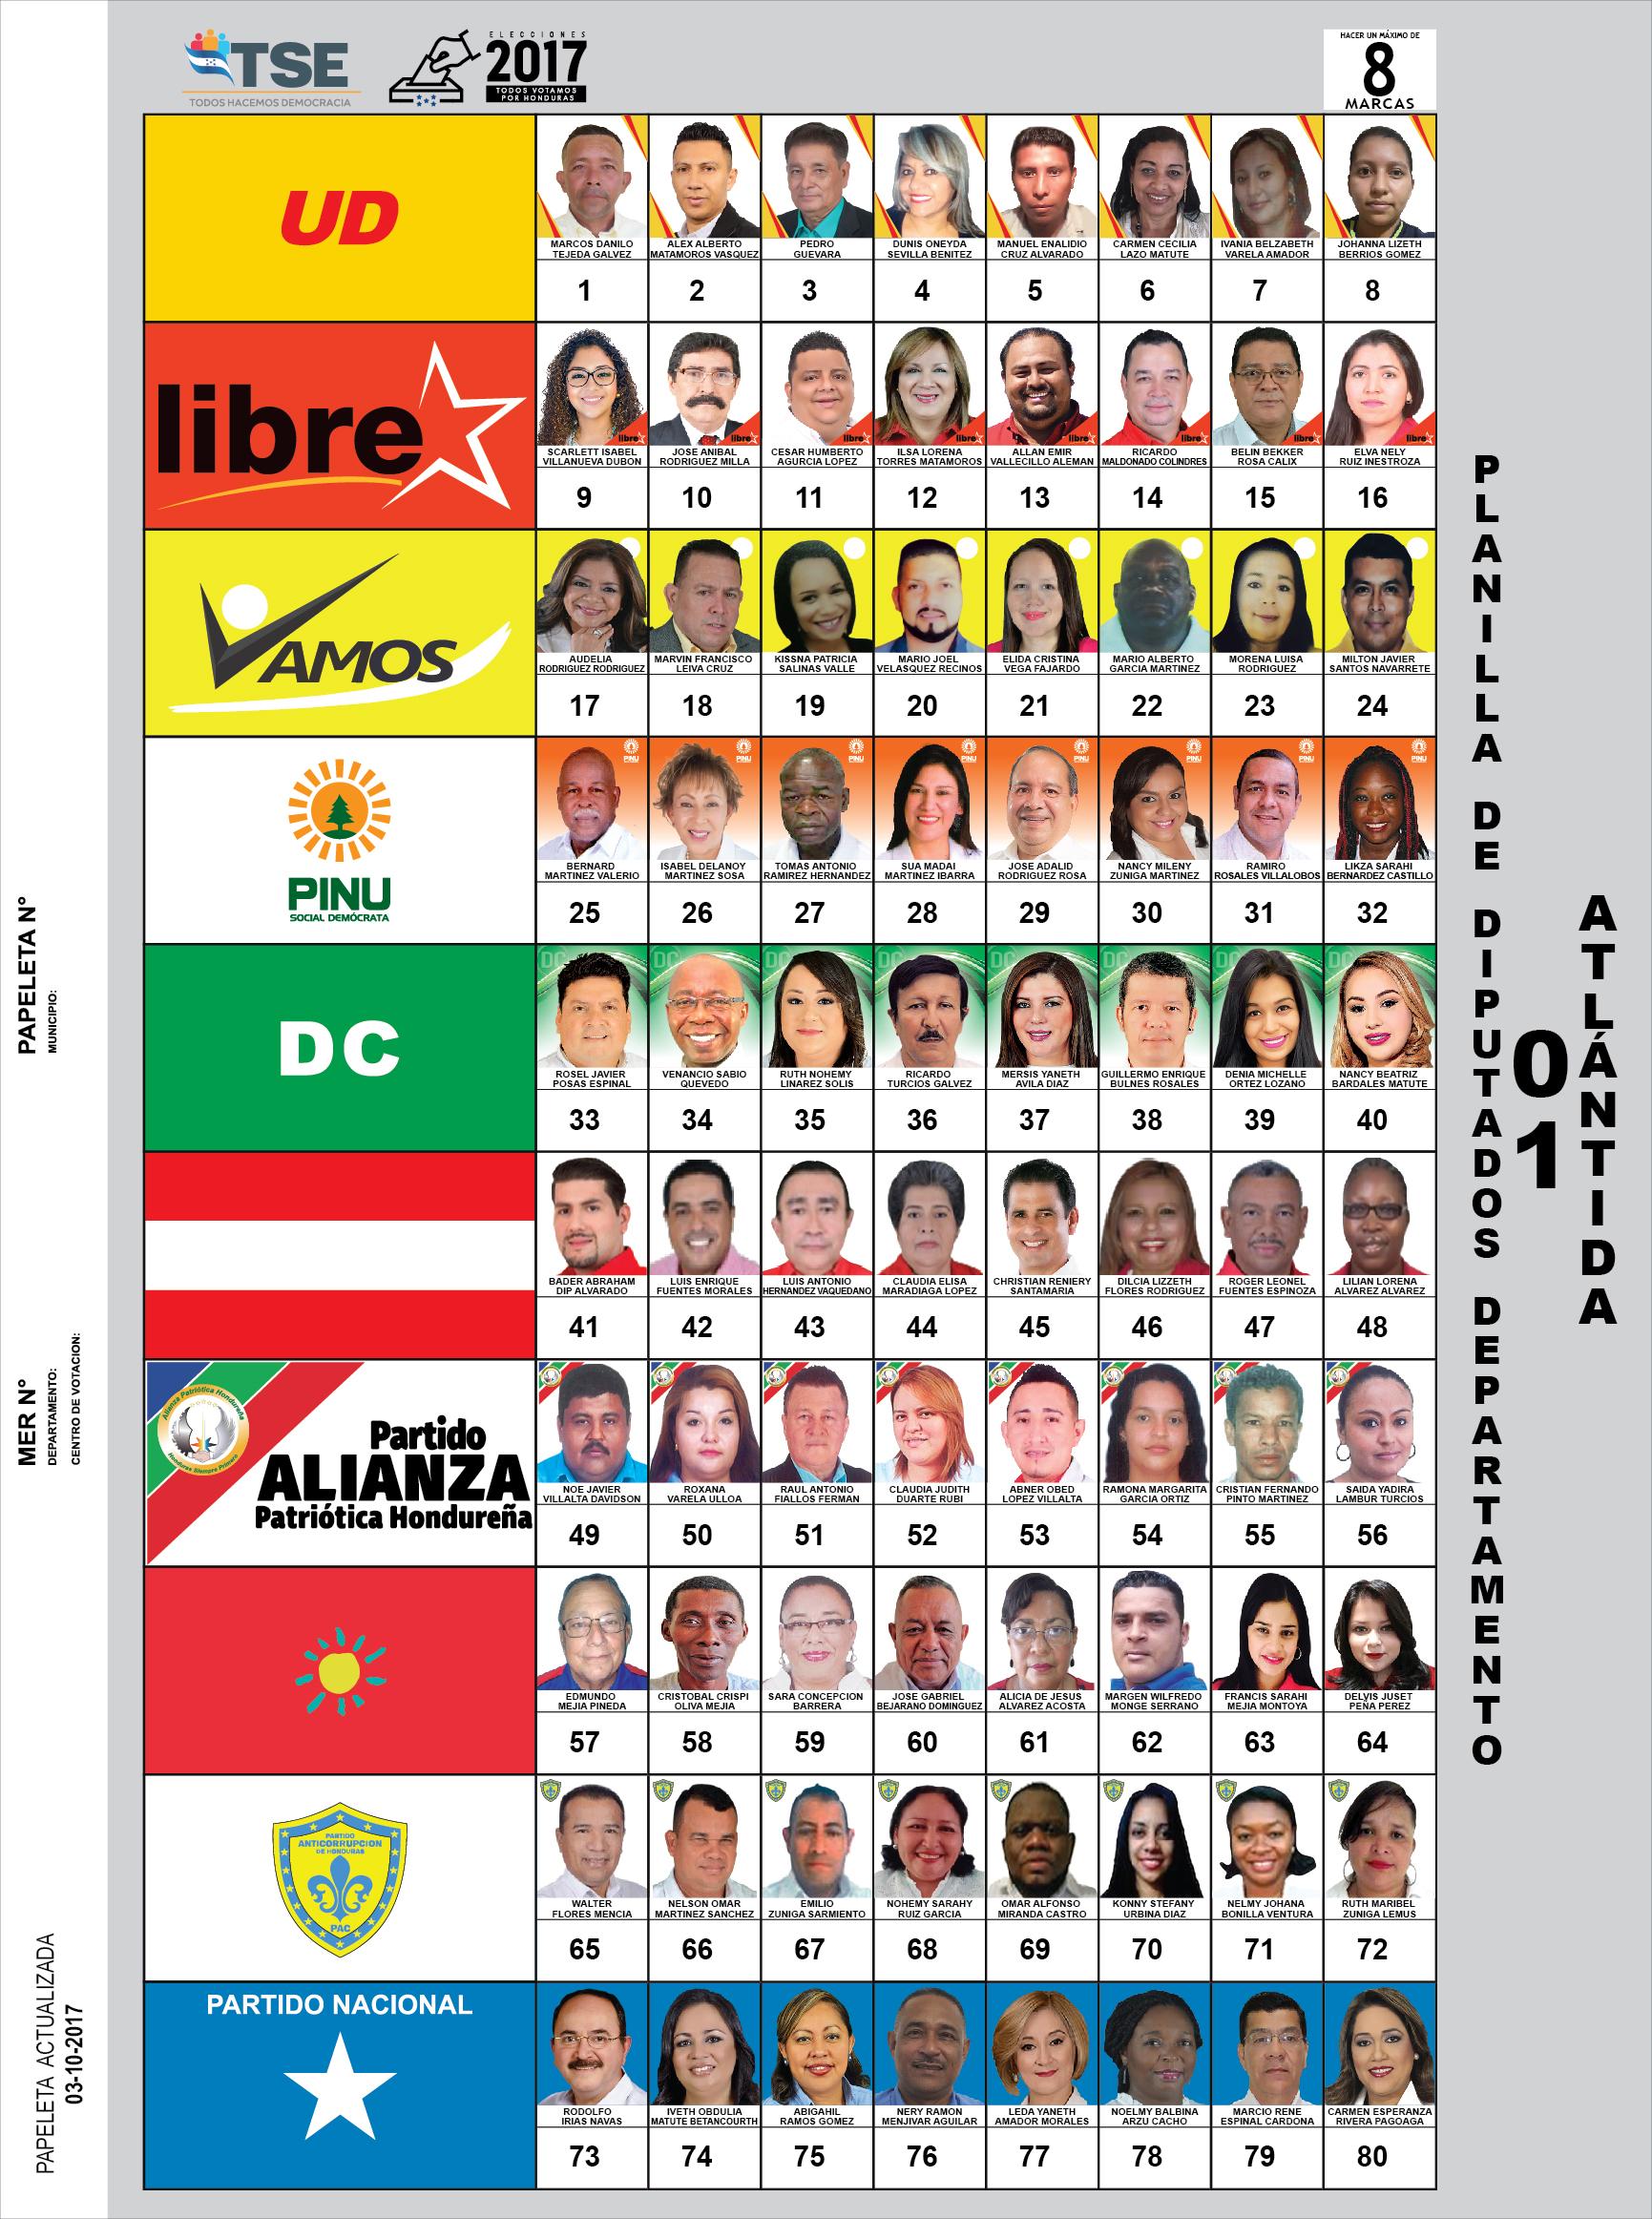 PAPELETA ELECTORAL - ATLÁNTIDA